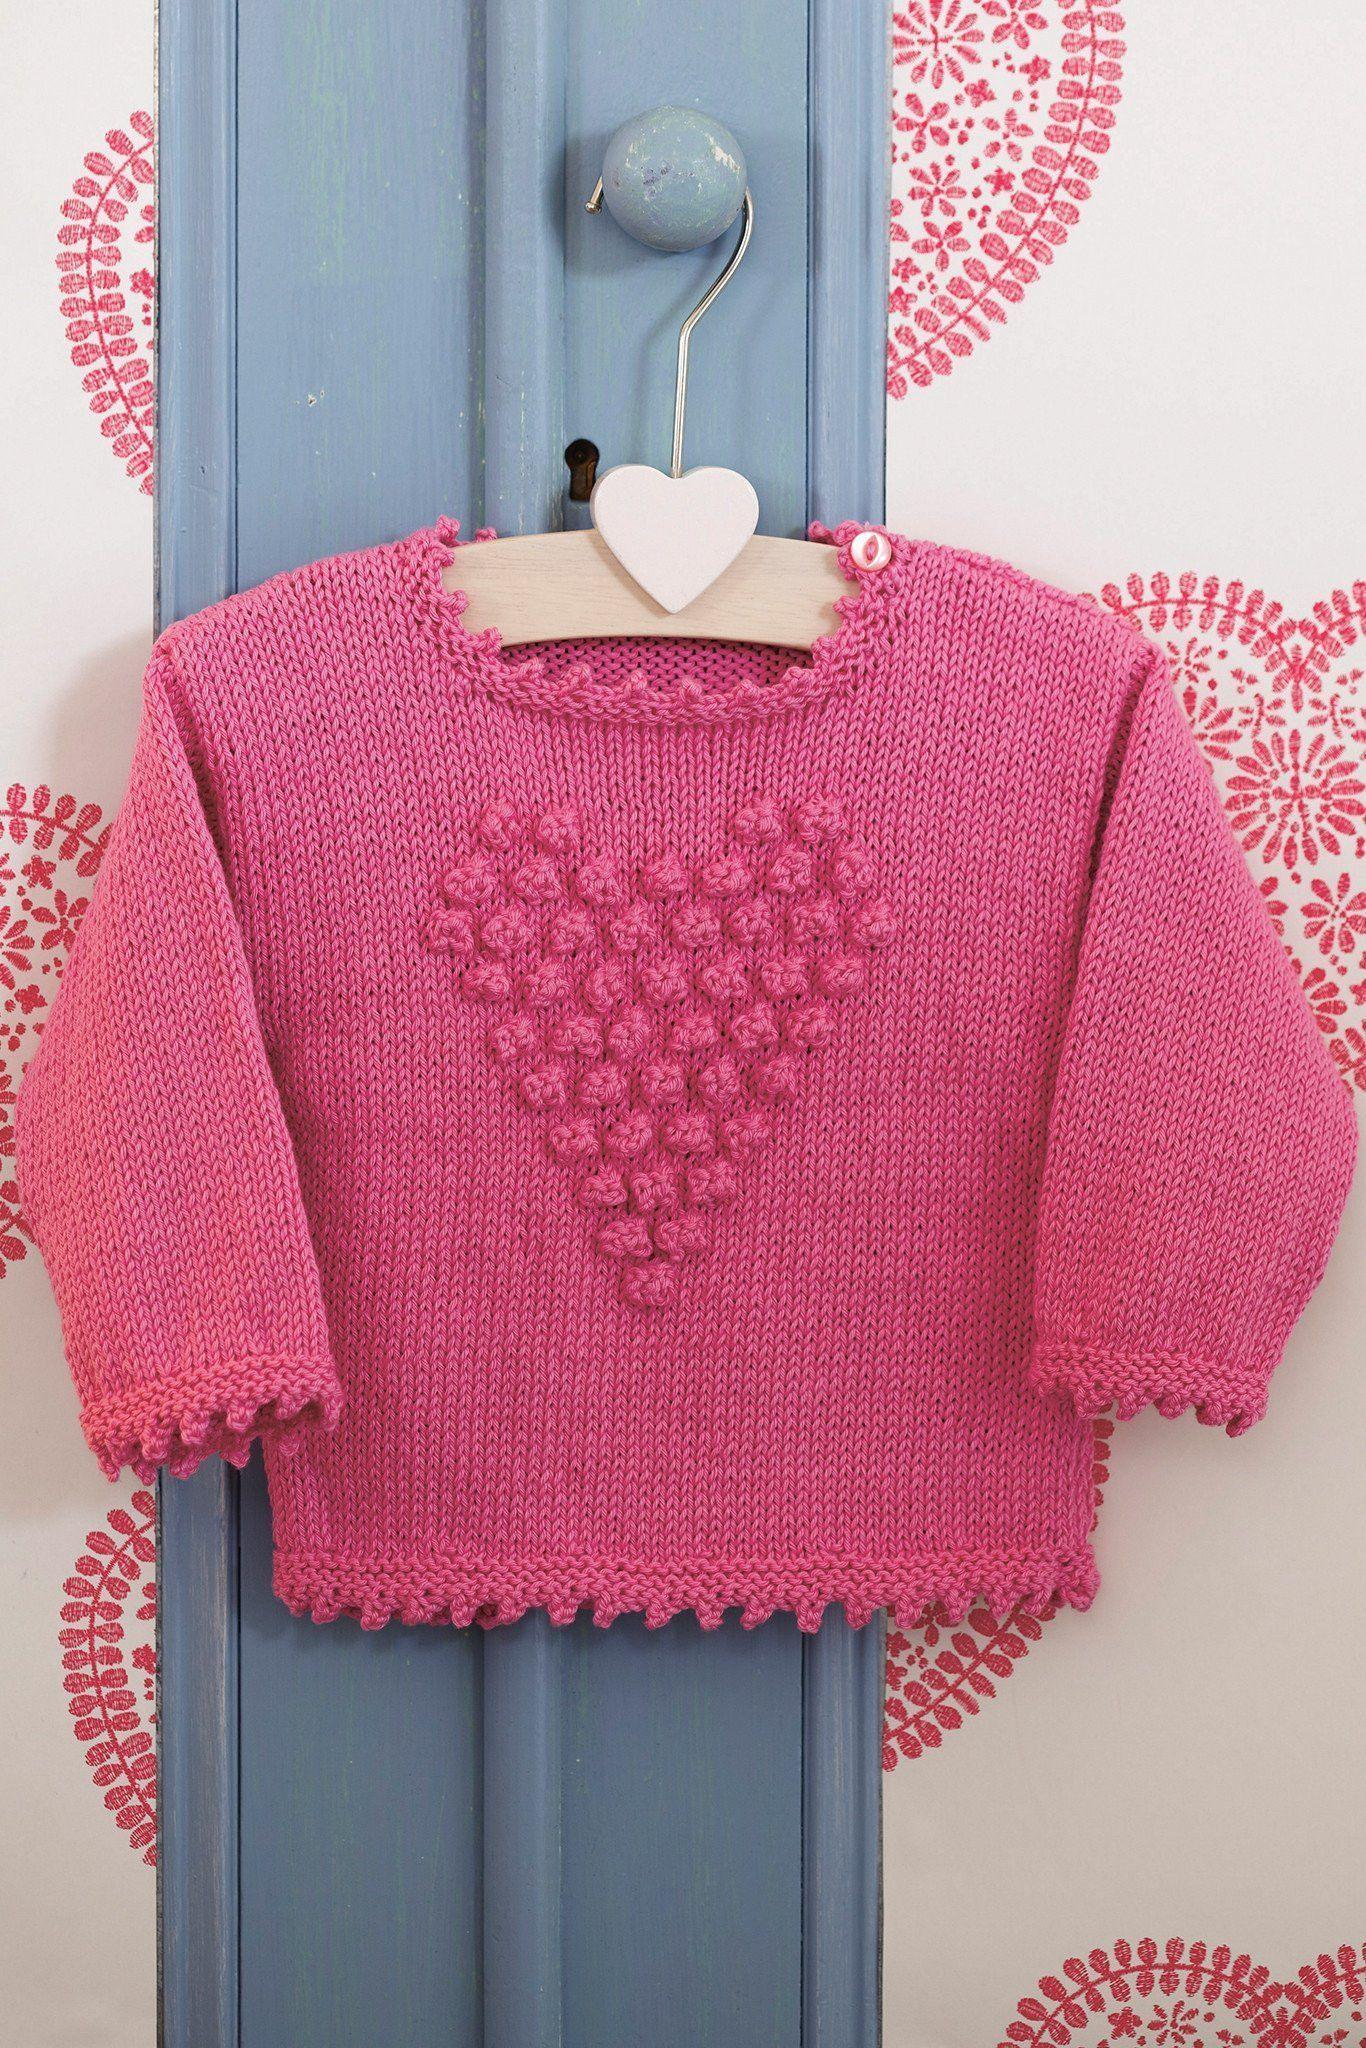 Girls Bobble Heart Jumper Knitting Pattern | The Knitting ...